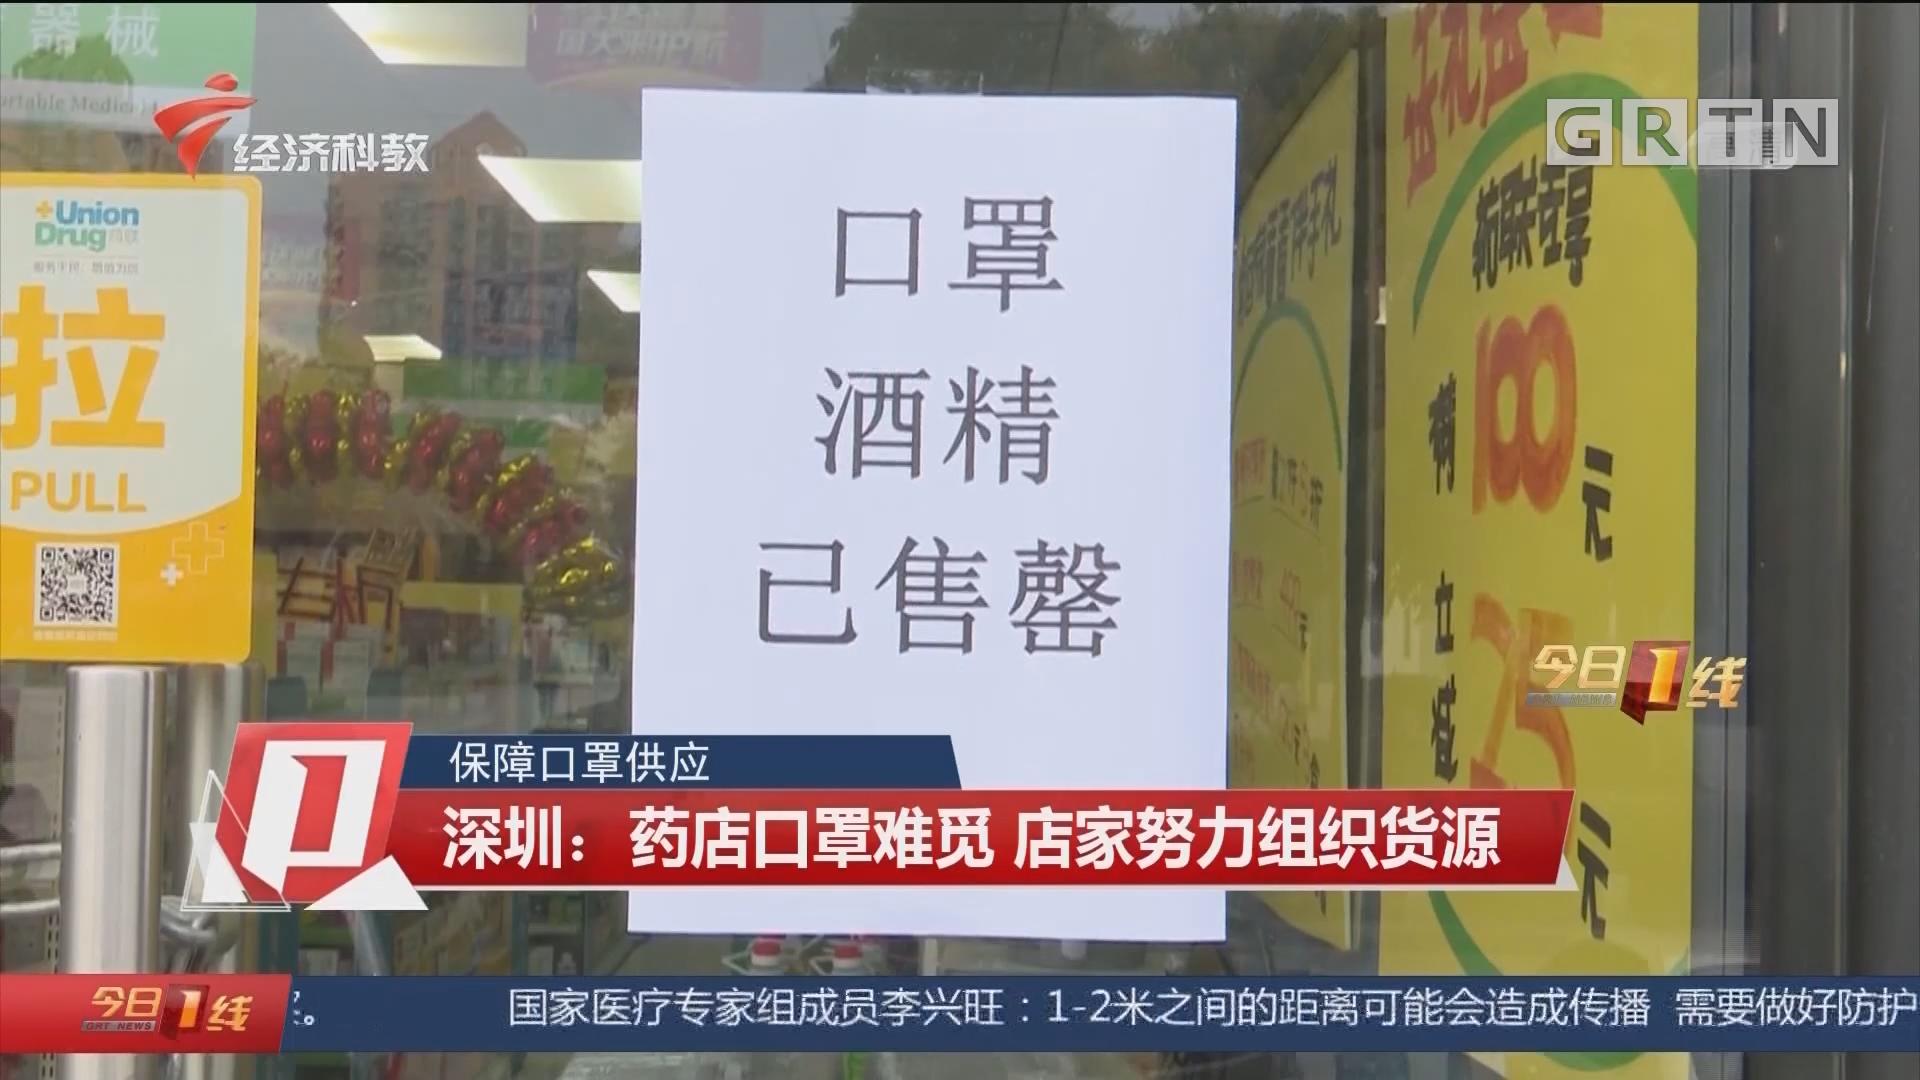 保障口罩供应 深圳:药店口罩难觅 店家努力组织货源